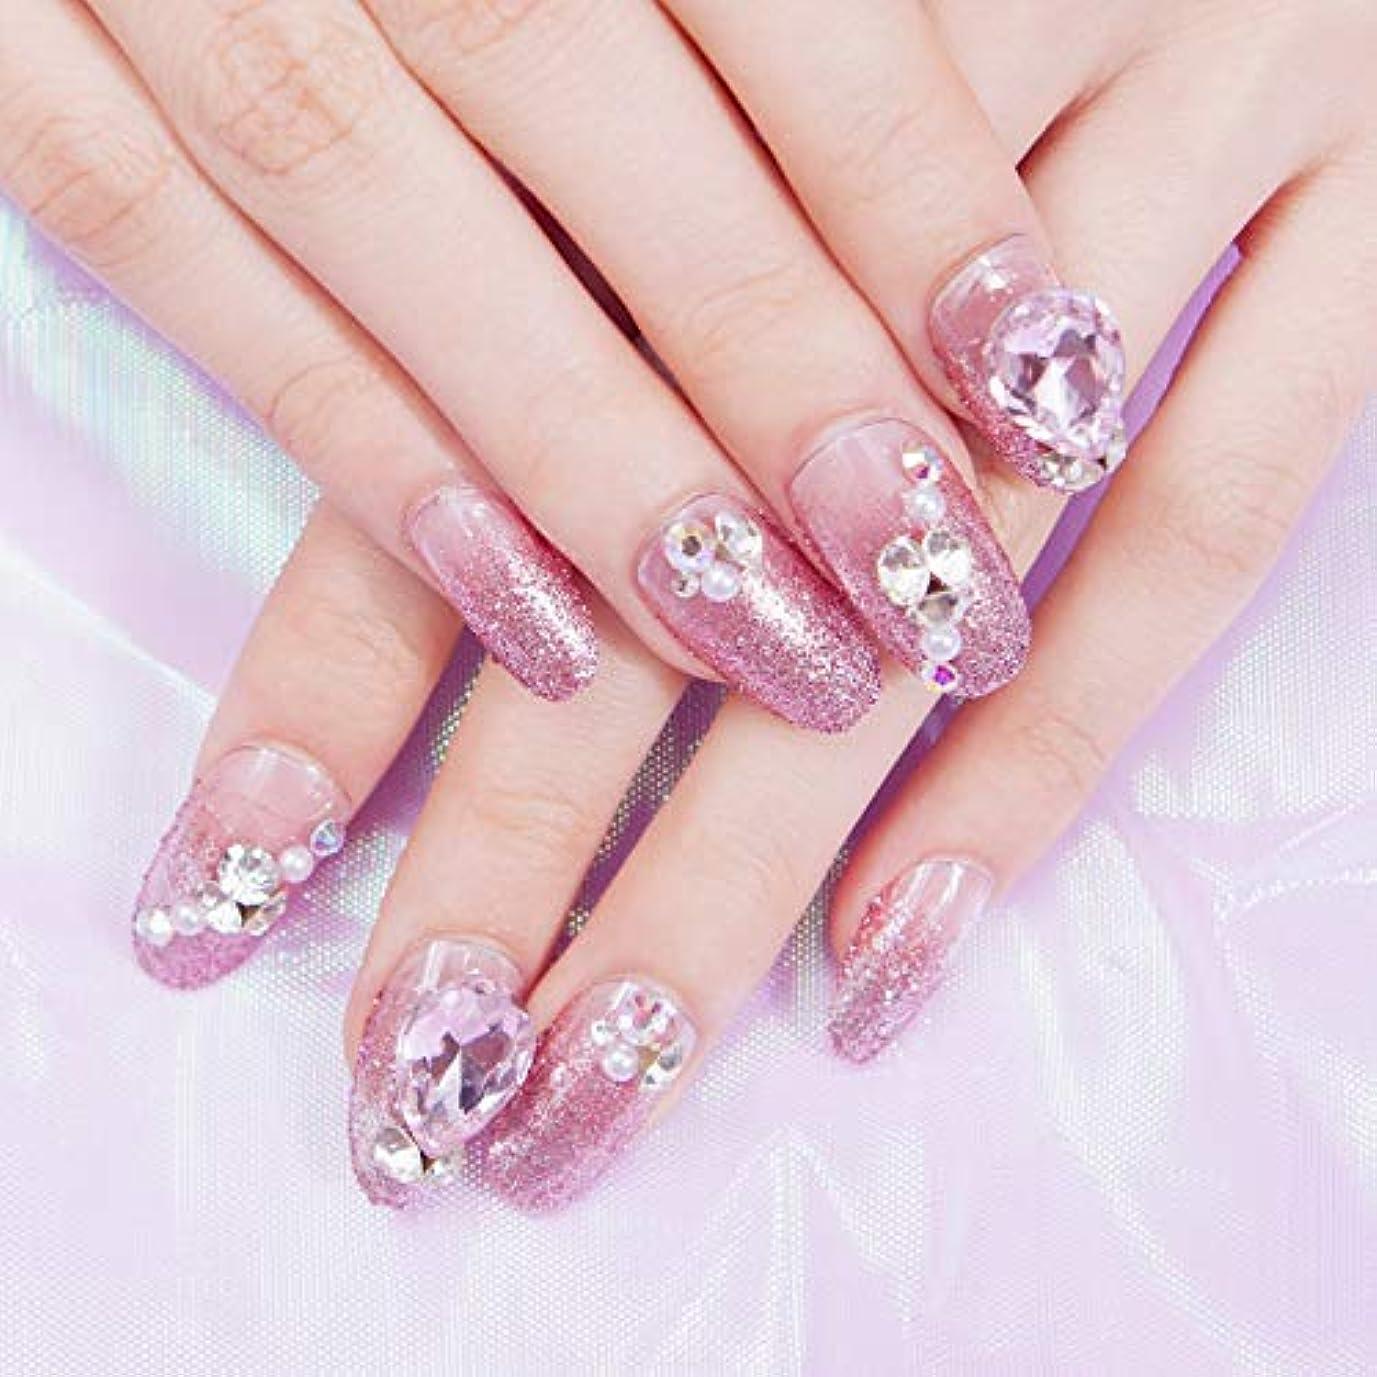 歌詞笑いちょうつがいピンク ジェルネイルネイルチップ 貼るだけ簡単付け爪24枚入り高品質 ins 人気の ネイルチップ パープルピンク